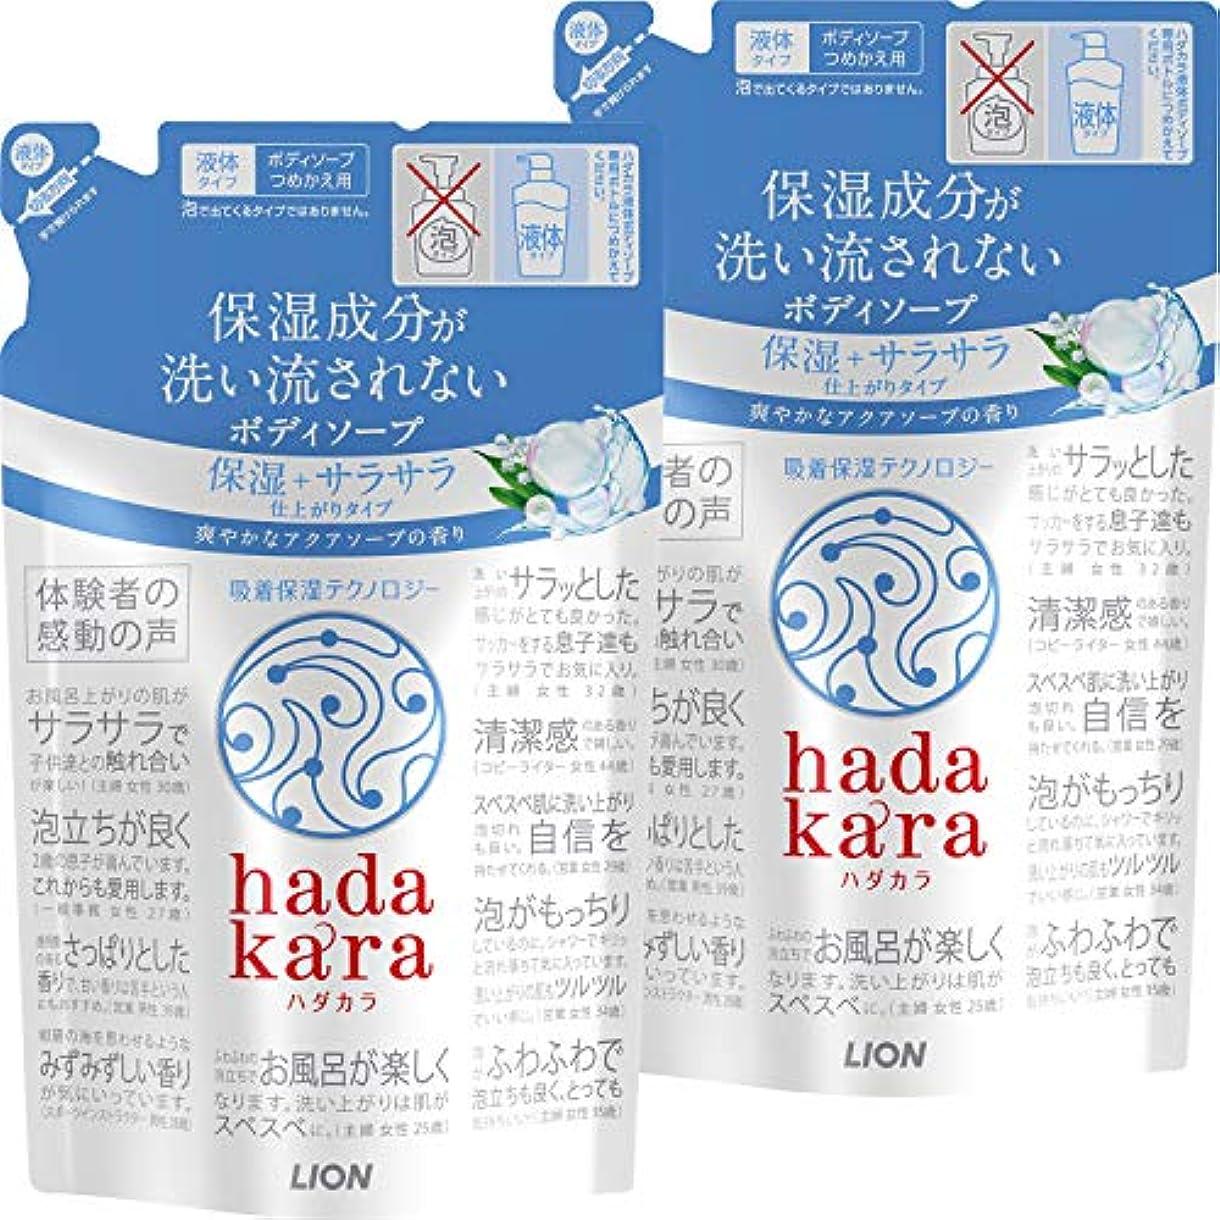 レンジ何よりもと闘う【まとめ買い】hadakara(ハダカラ) ボディソープ 保湿+サラサラ仕上がりタイプ アクアソープの香り 詰め替え 340ml×2個パック